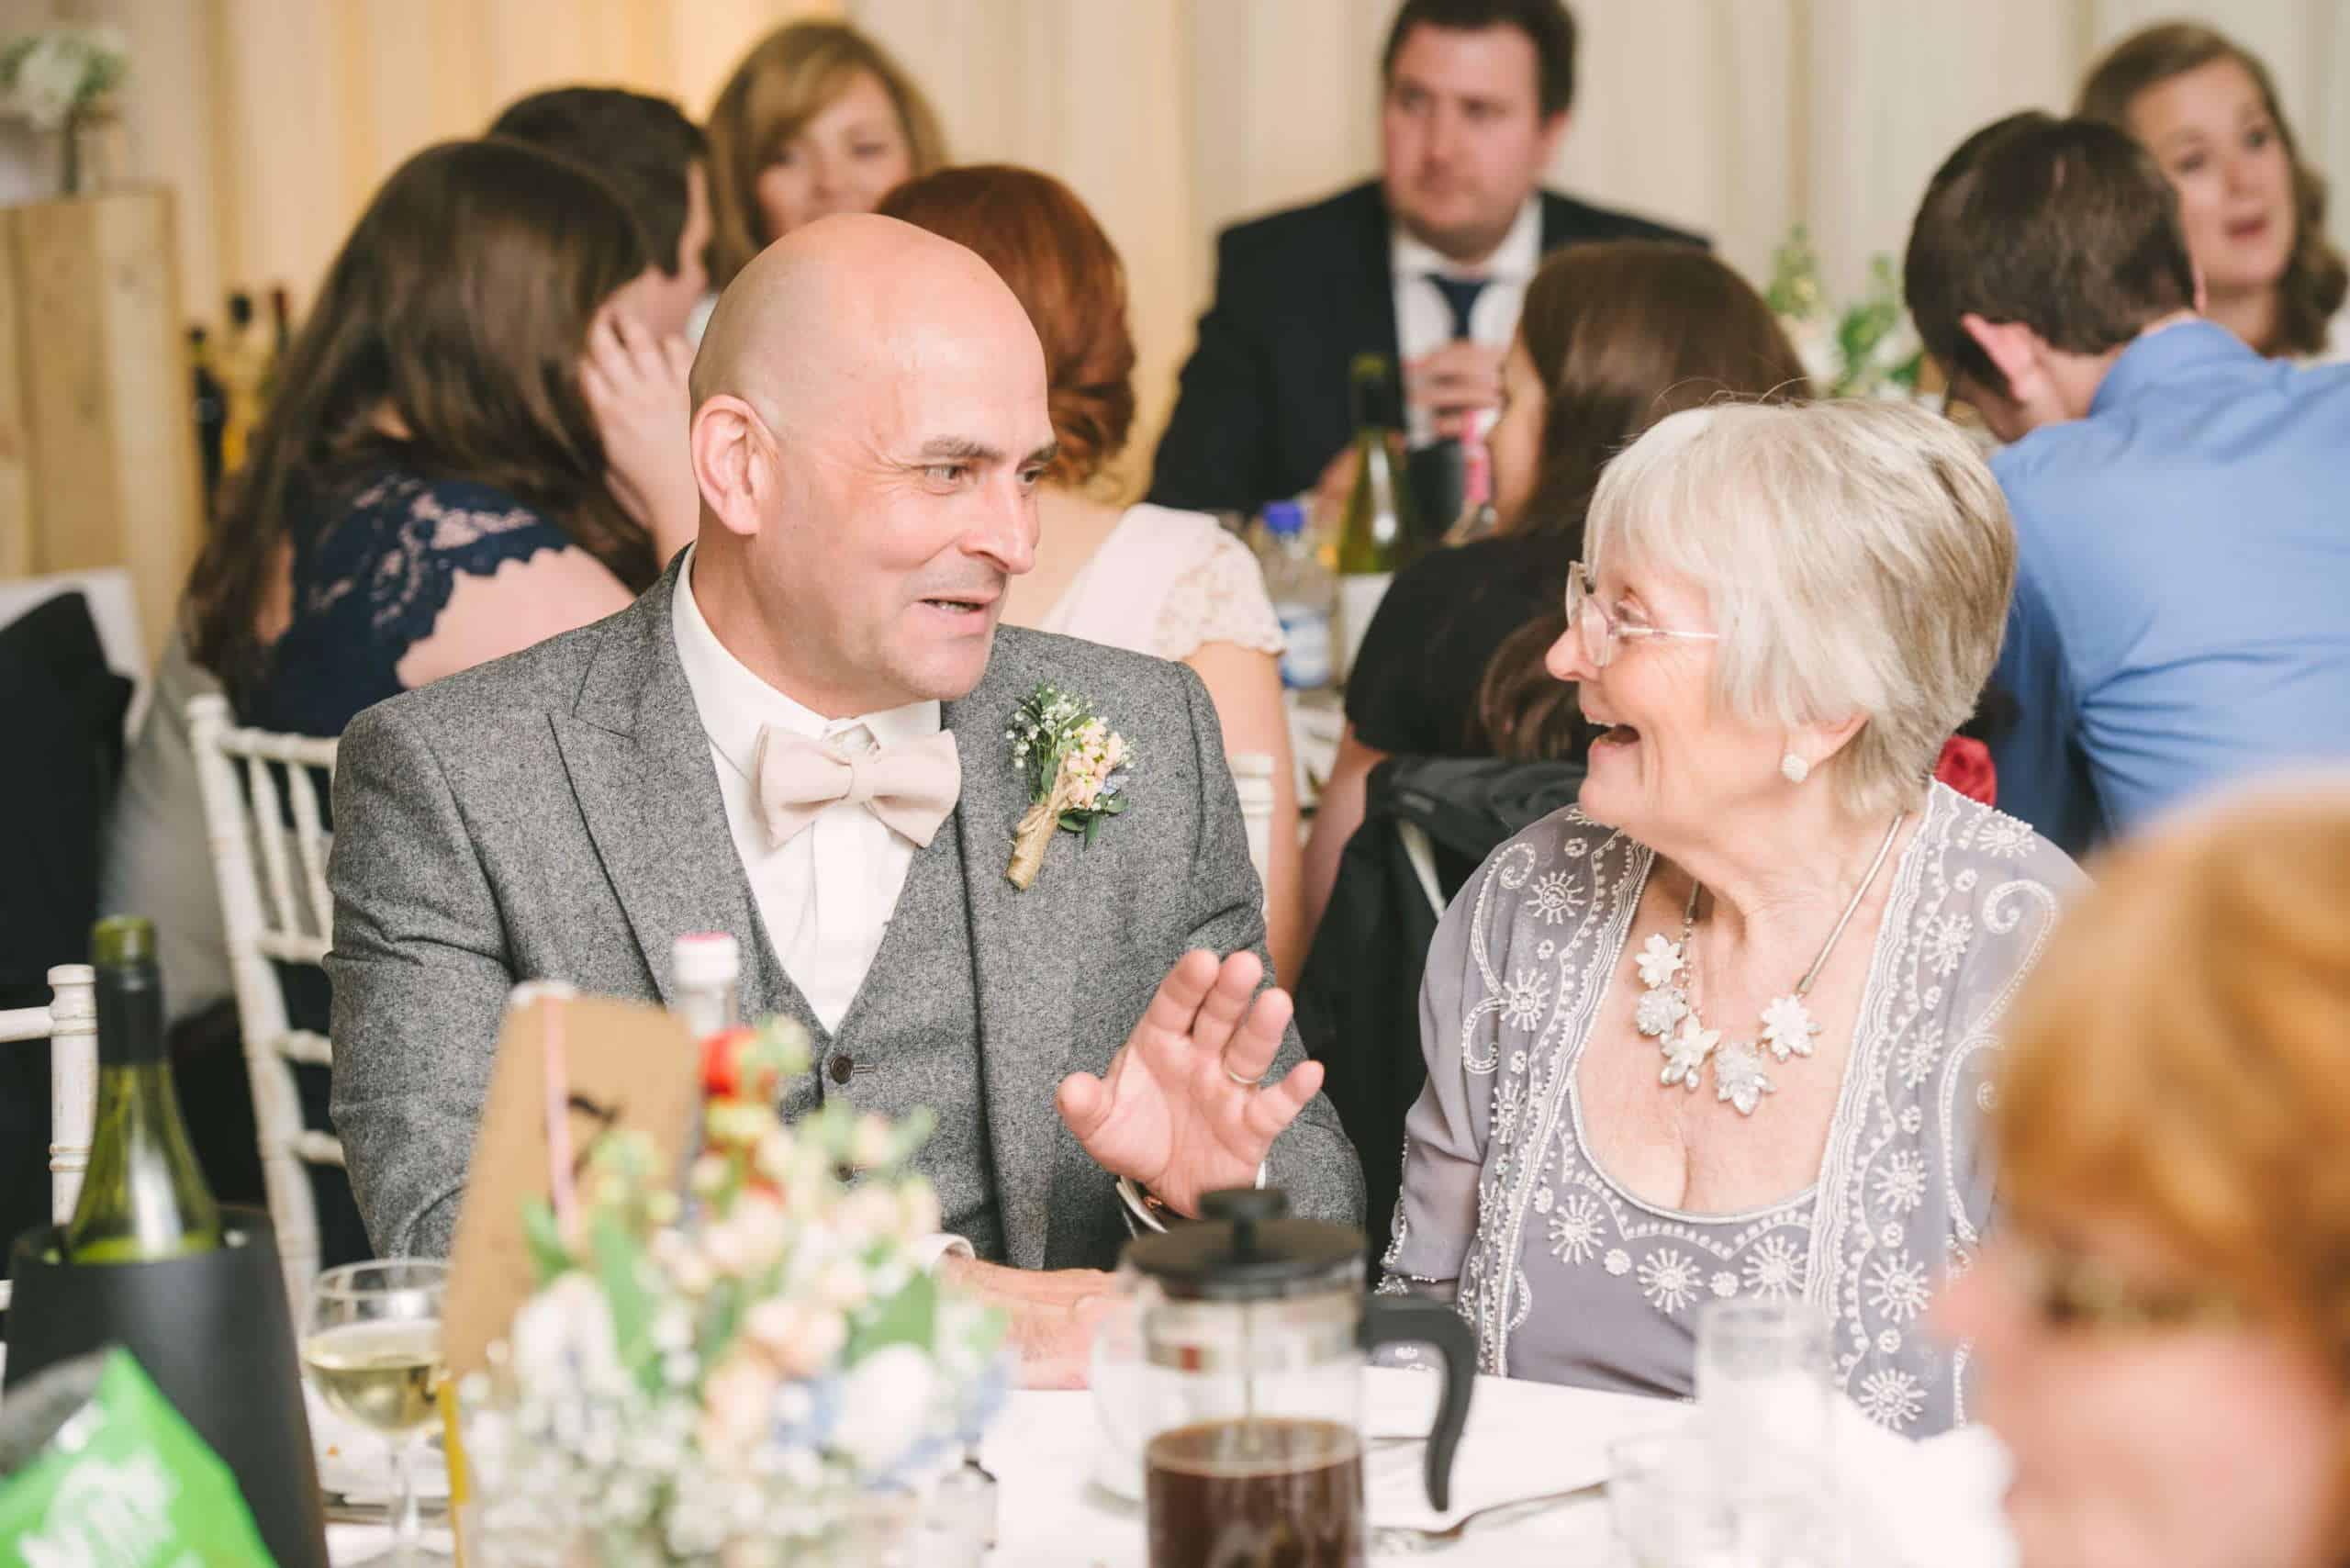 230416 Essex Wedding Photography Baddow Gallerywood 130